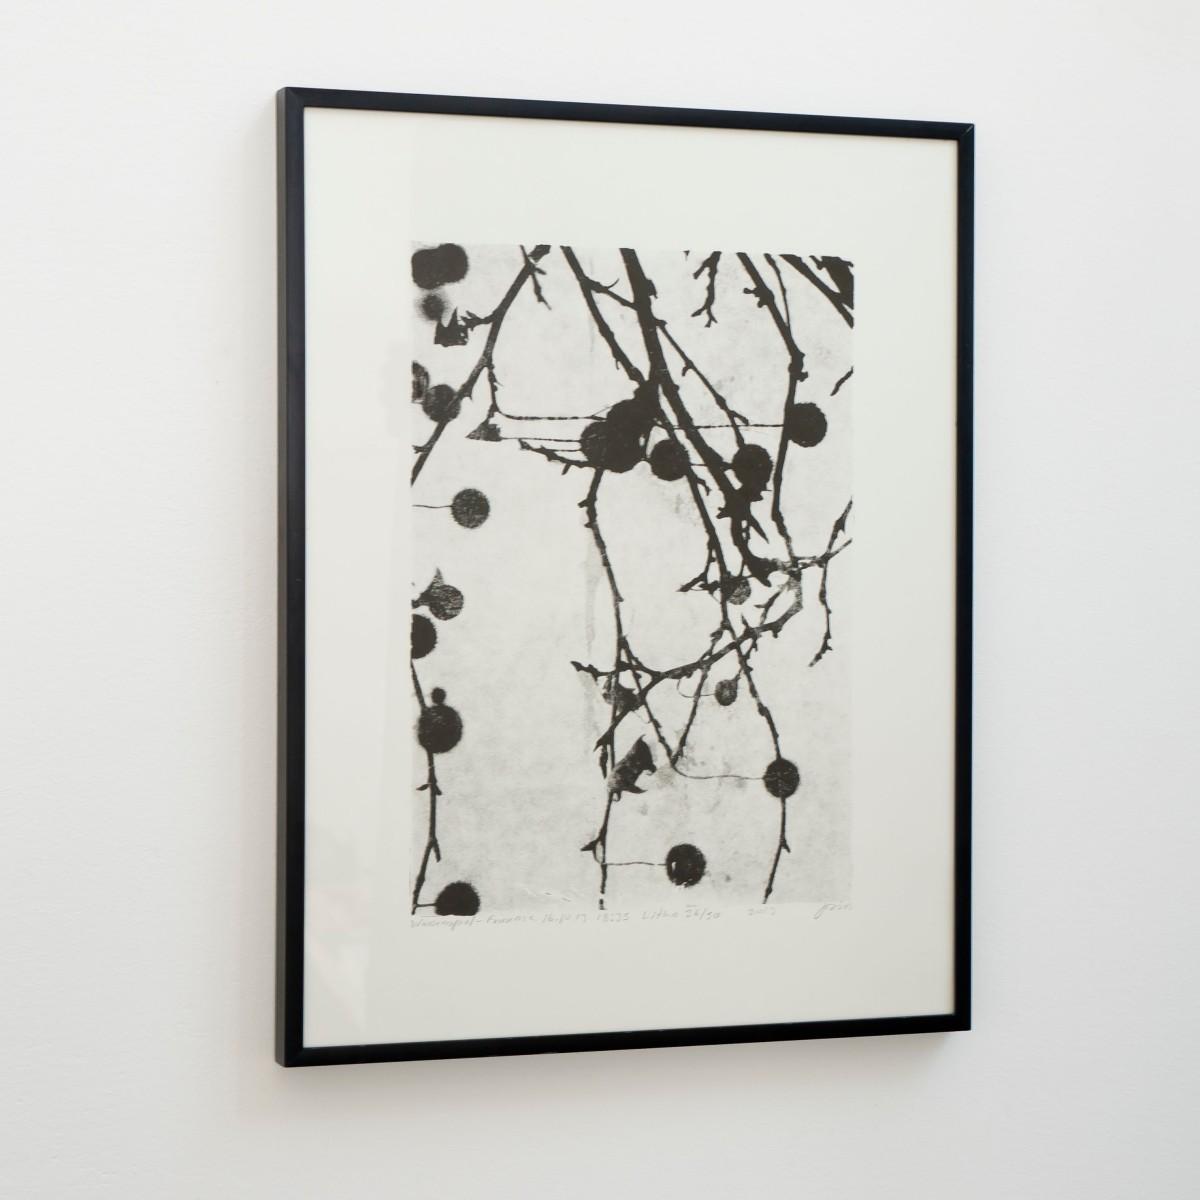 Josias Scharf, Wasserspiel - Fennsee 16.10.13.18:35, litho op papier, 40x30 cm, oplage 50